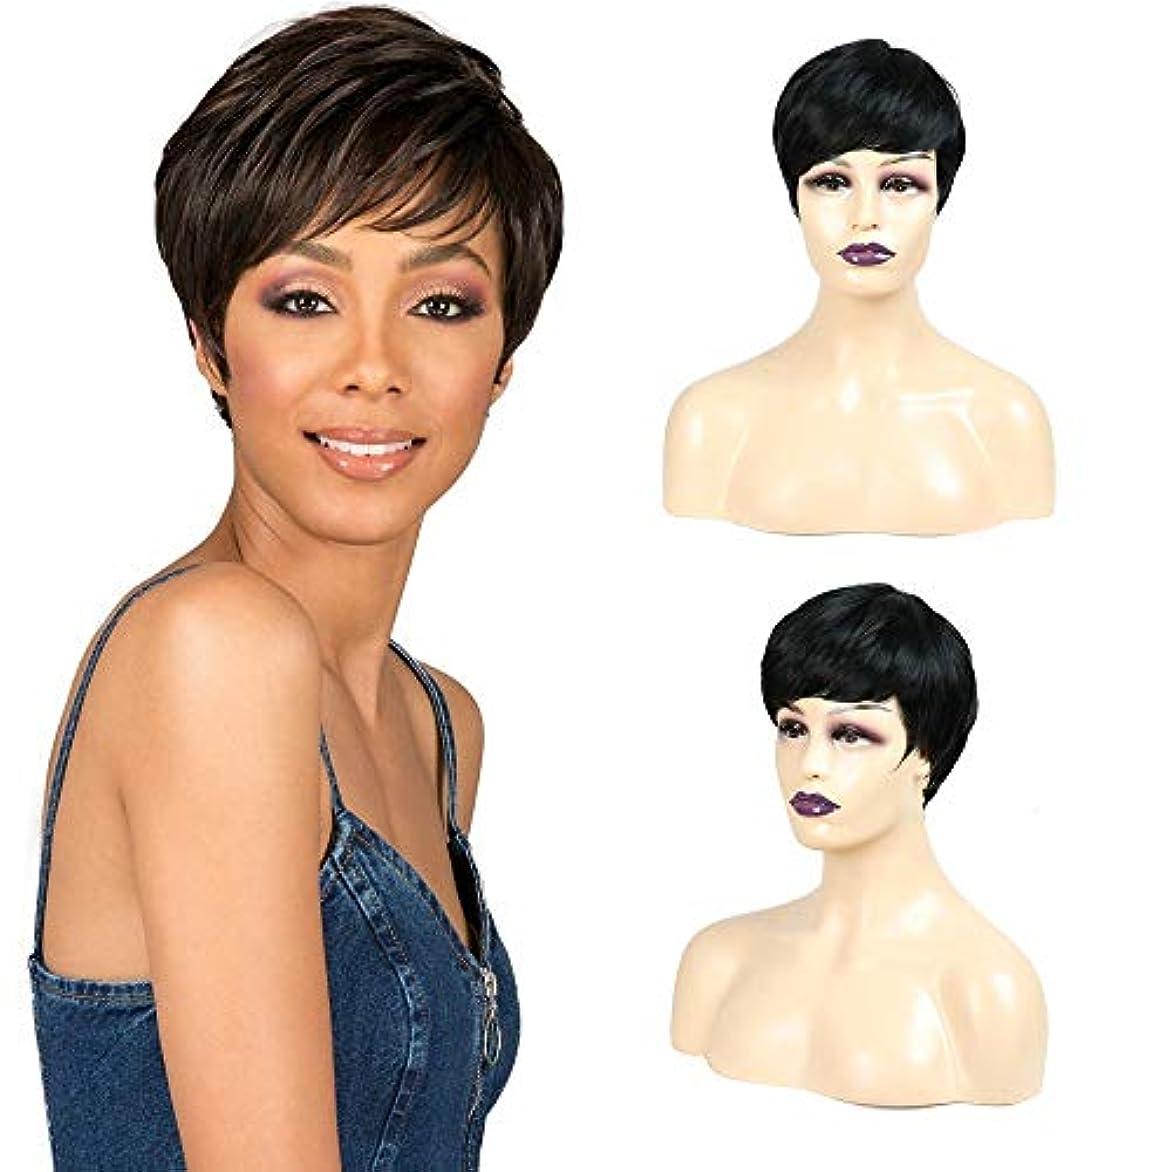 肩をすくめる前方へ疑いYOUQIU レディース上品なボブスタイルサイドパート髪デイリーでショートストレート黒人工毛ウィッグウィッグを着用してください (色 : 黒)